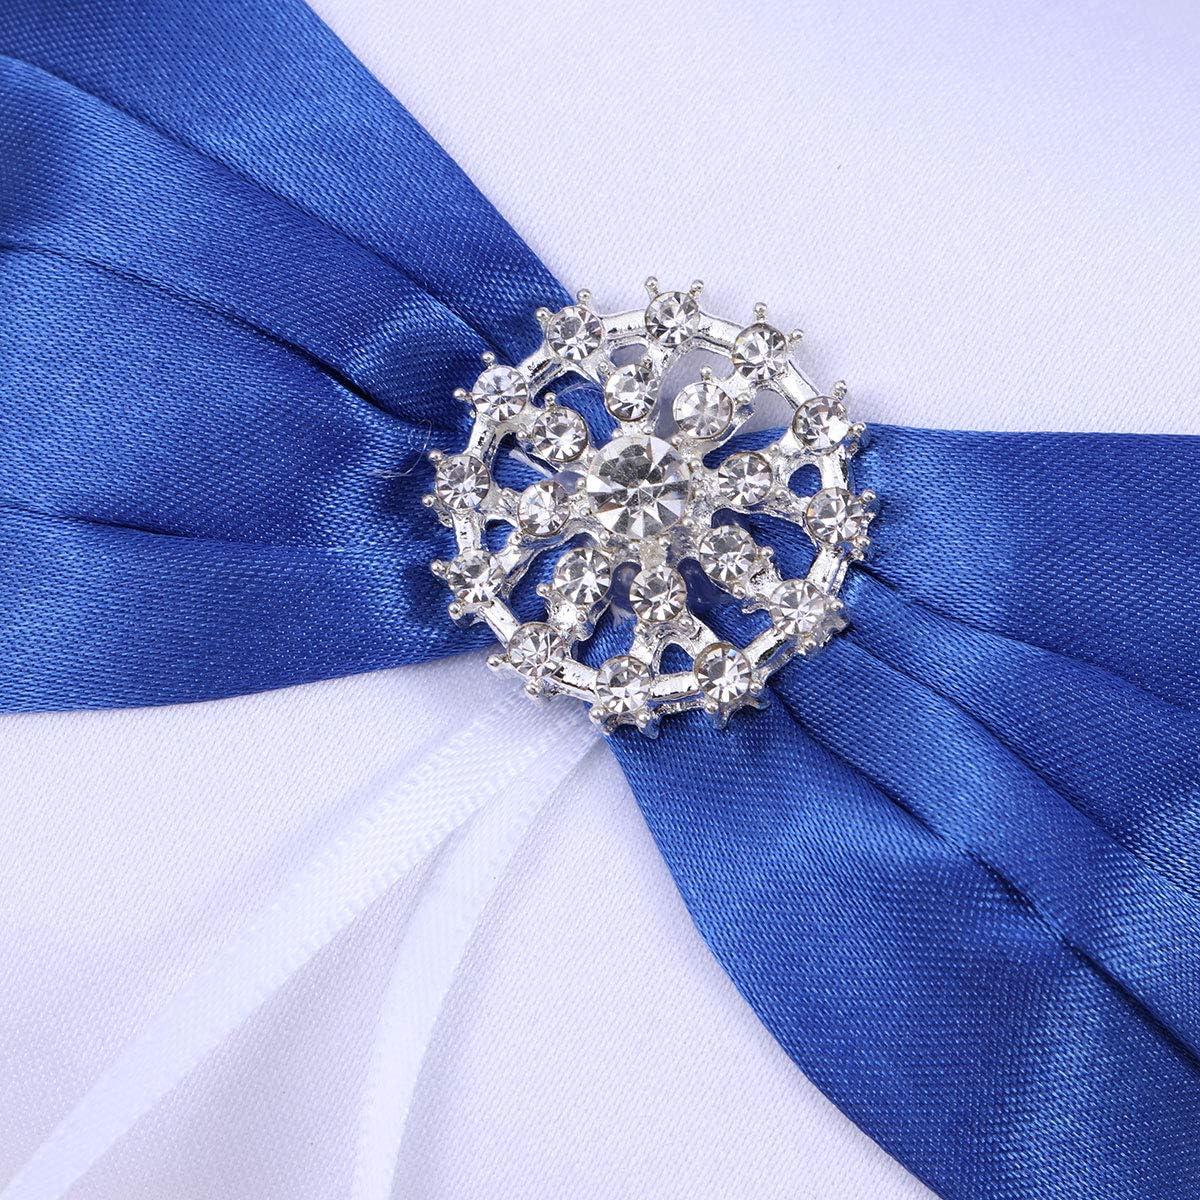 TOYANDONA Hochzeit Ringkissen Blau Bowknot Strass Braut Ring Inhaber Halter Kissen Hochzeit Ring Box f/ür Hochzeitsdekoration